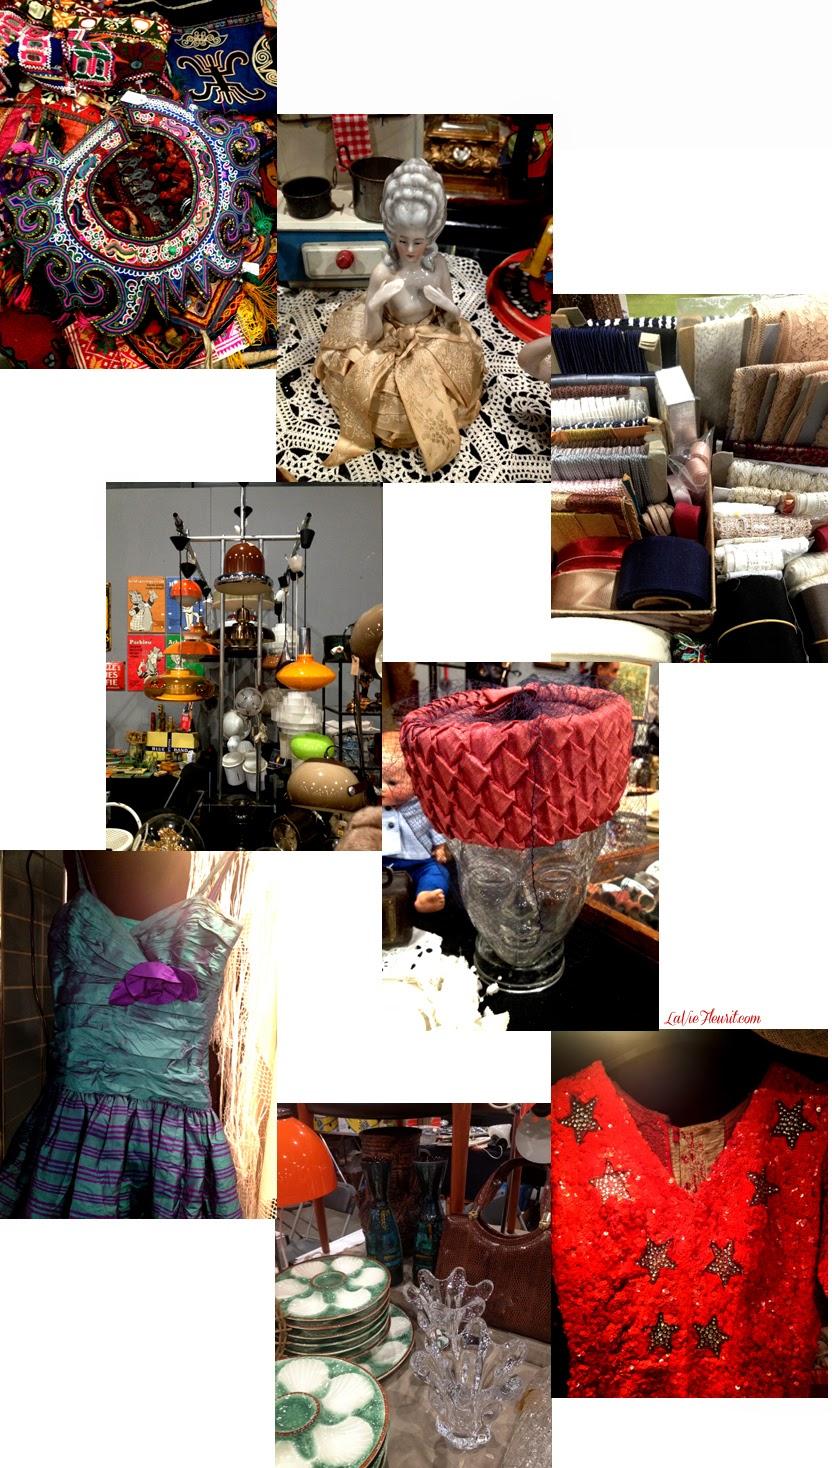 Verzamelaarsjaardbeurs, jaarbeurs, utrecht, antiek, brocante, verzamelen, vintage, retro, fashion, fashionblogger, rommelmarkt, markt, weekend, tip, weekendtip, blog, www.LaVieFleurit.com